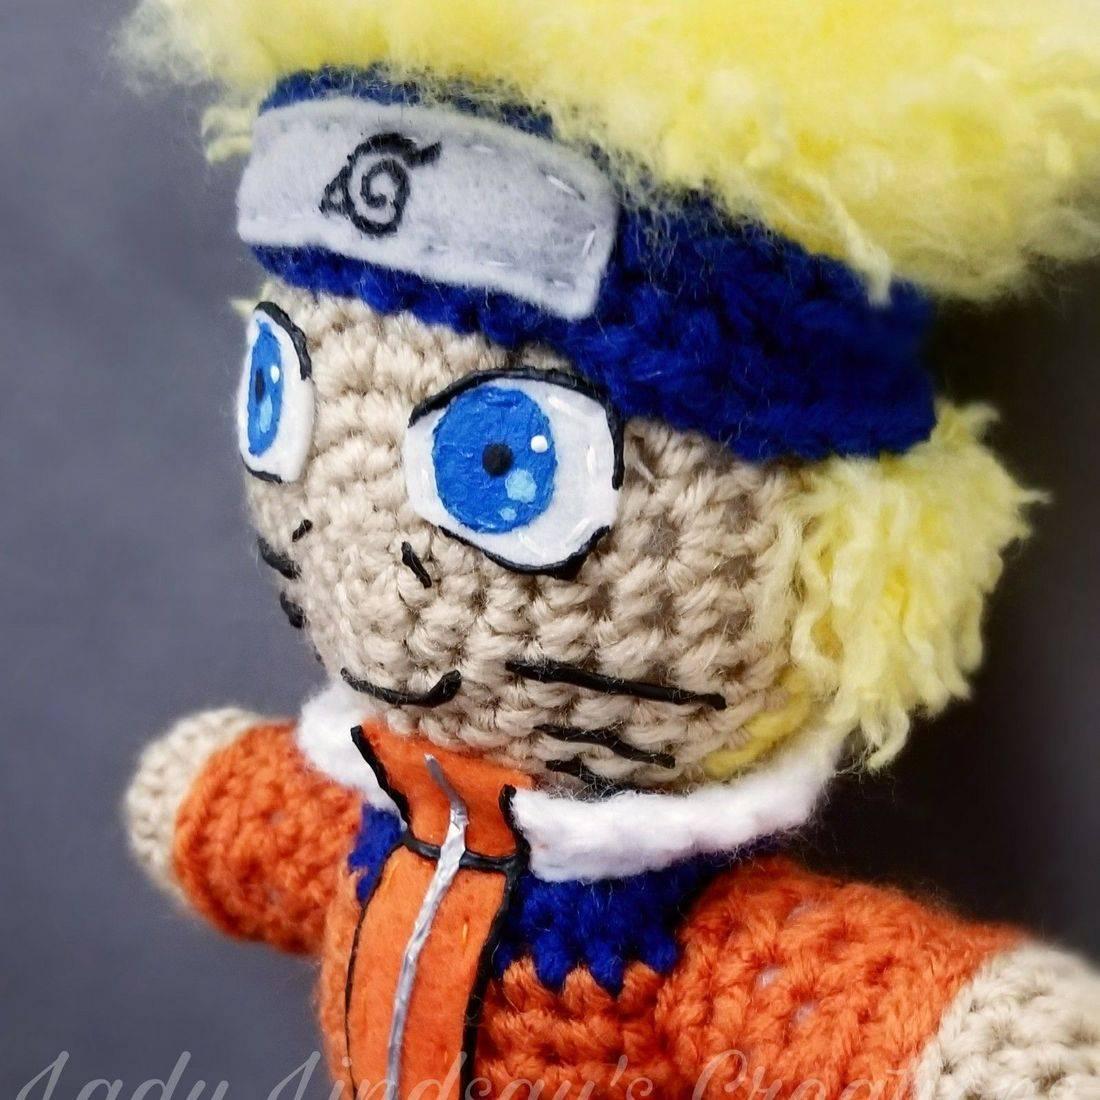 Naruto, Naruto Shippuden, Boruto, anime, amigurumi, plush, doll, crochet, handmade, nerd, geek